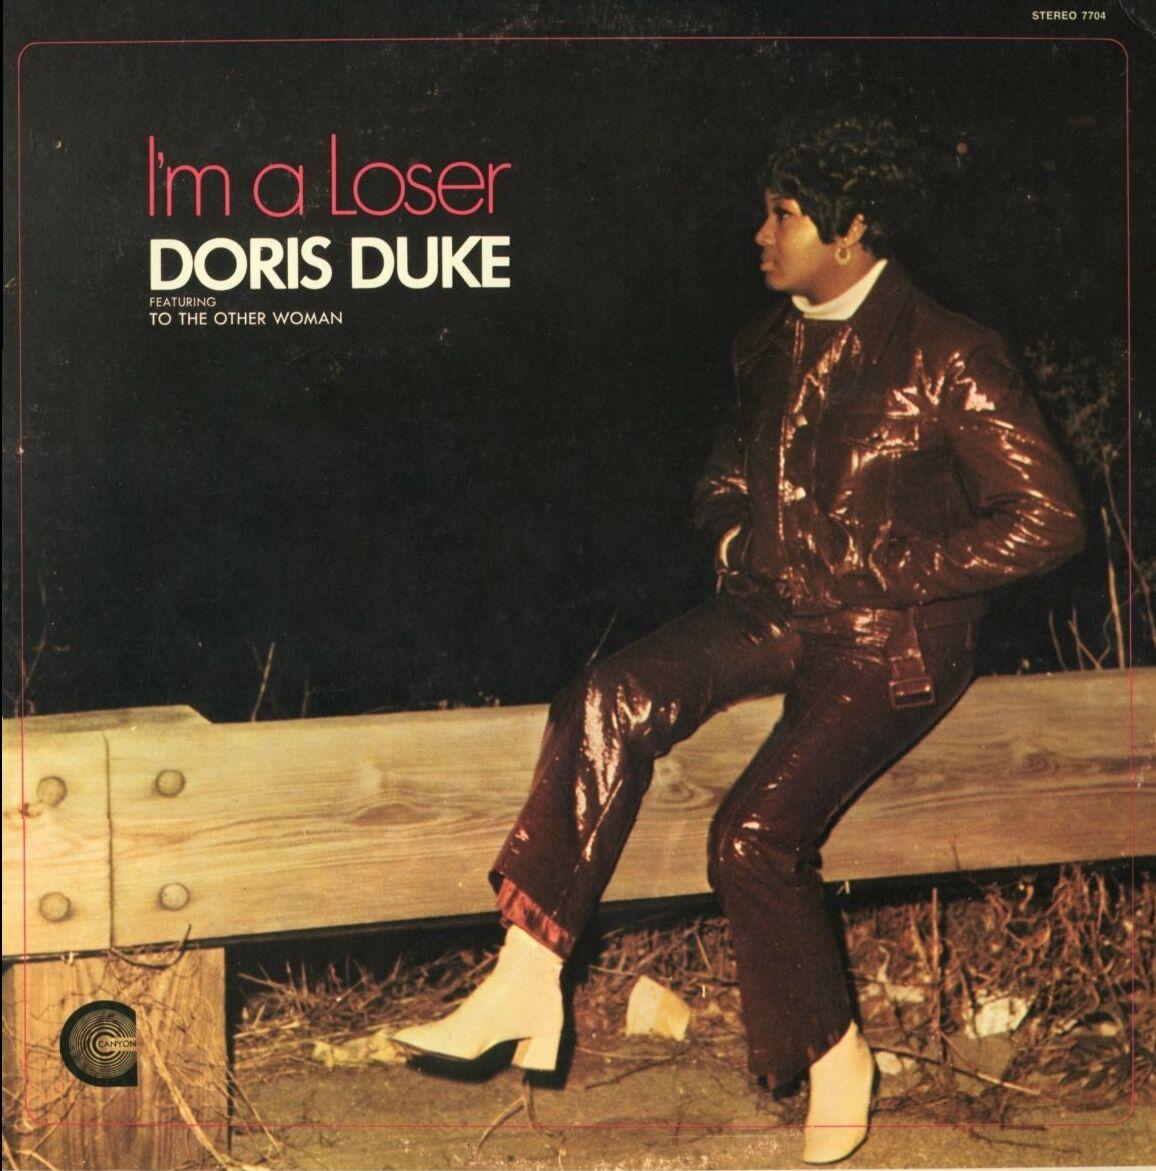 Doris Duke onrepeat